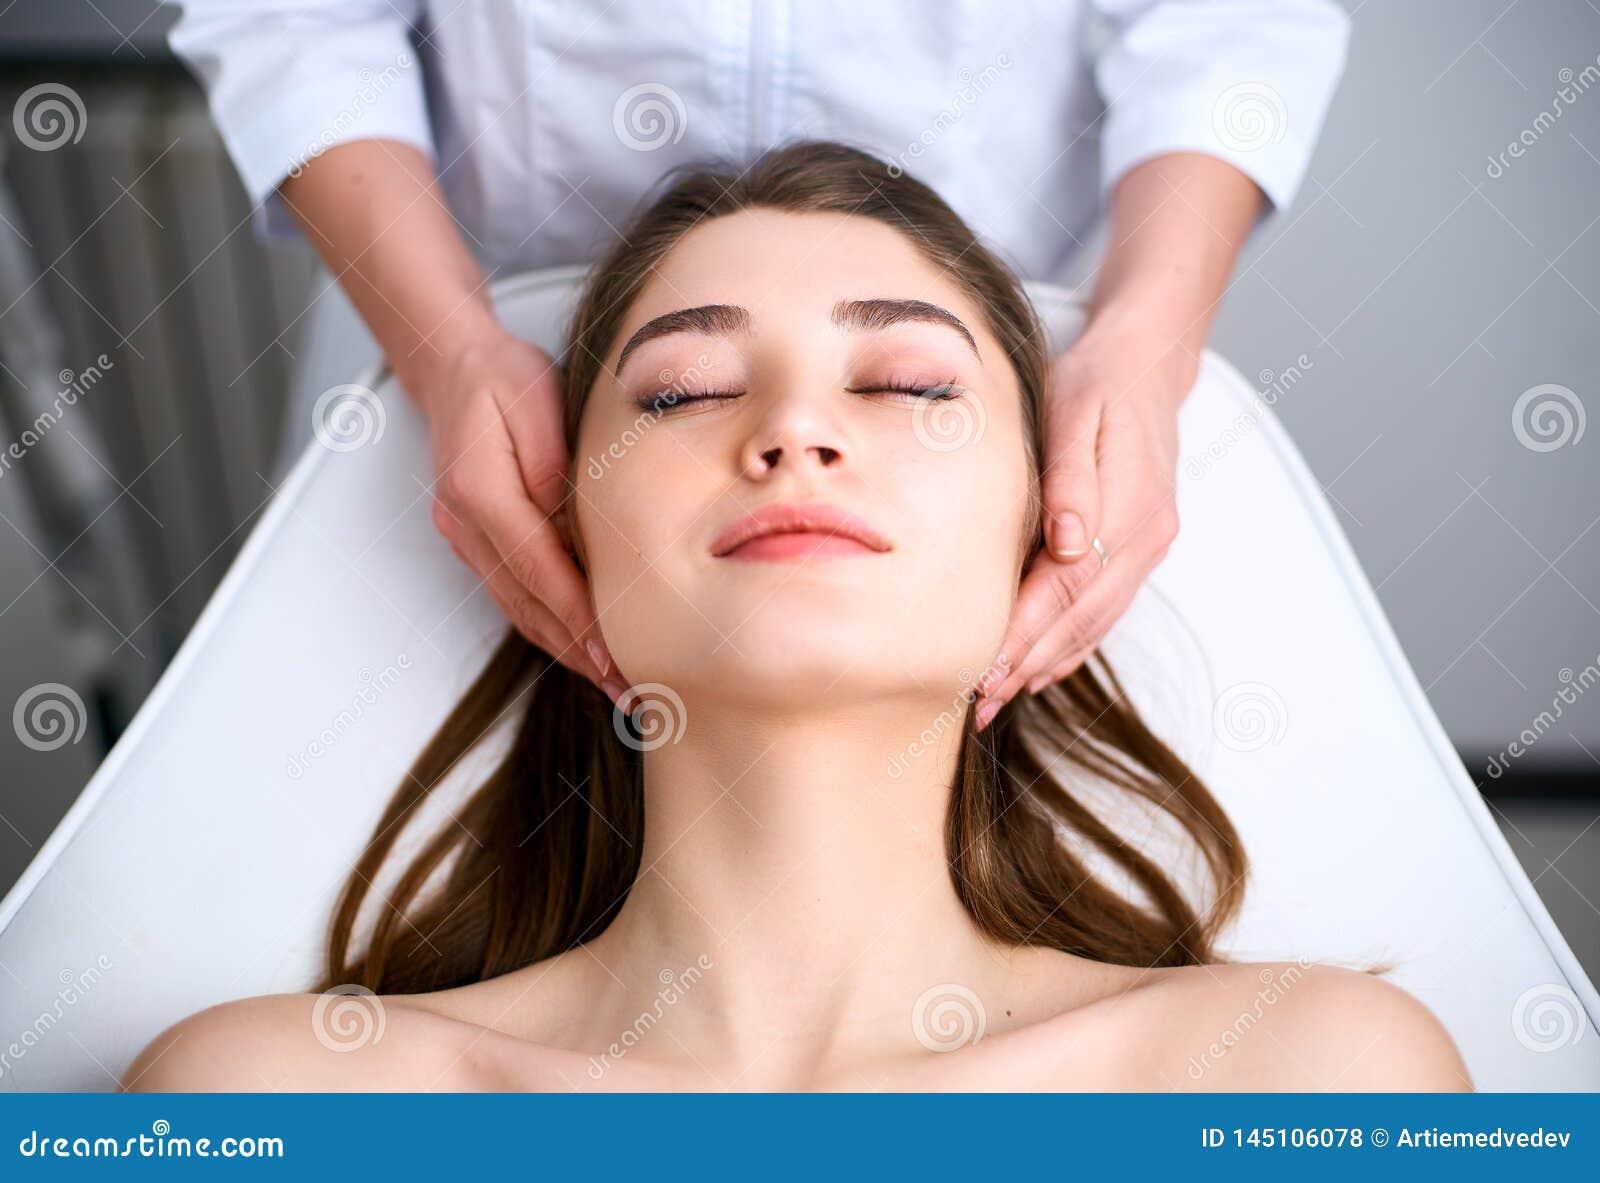 Het gezicht van de schoonheidsspecialist schoonmaakster Kuuroord skincare behandeling Cosmetologist met pati?nt op medische stoel